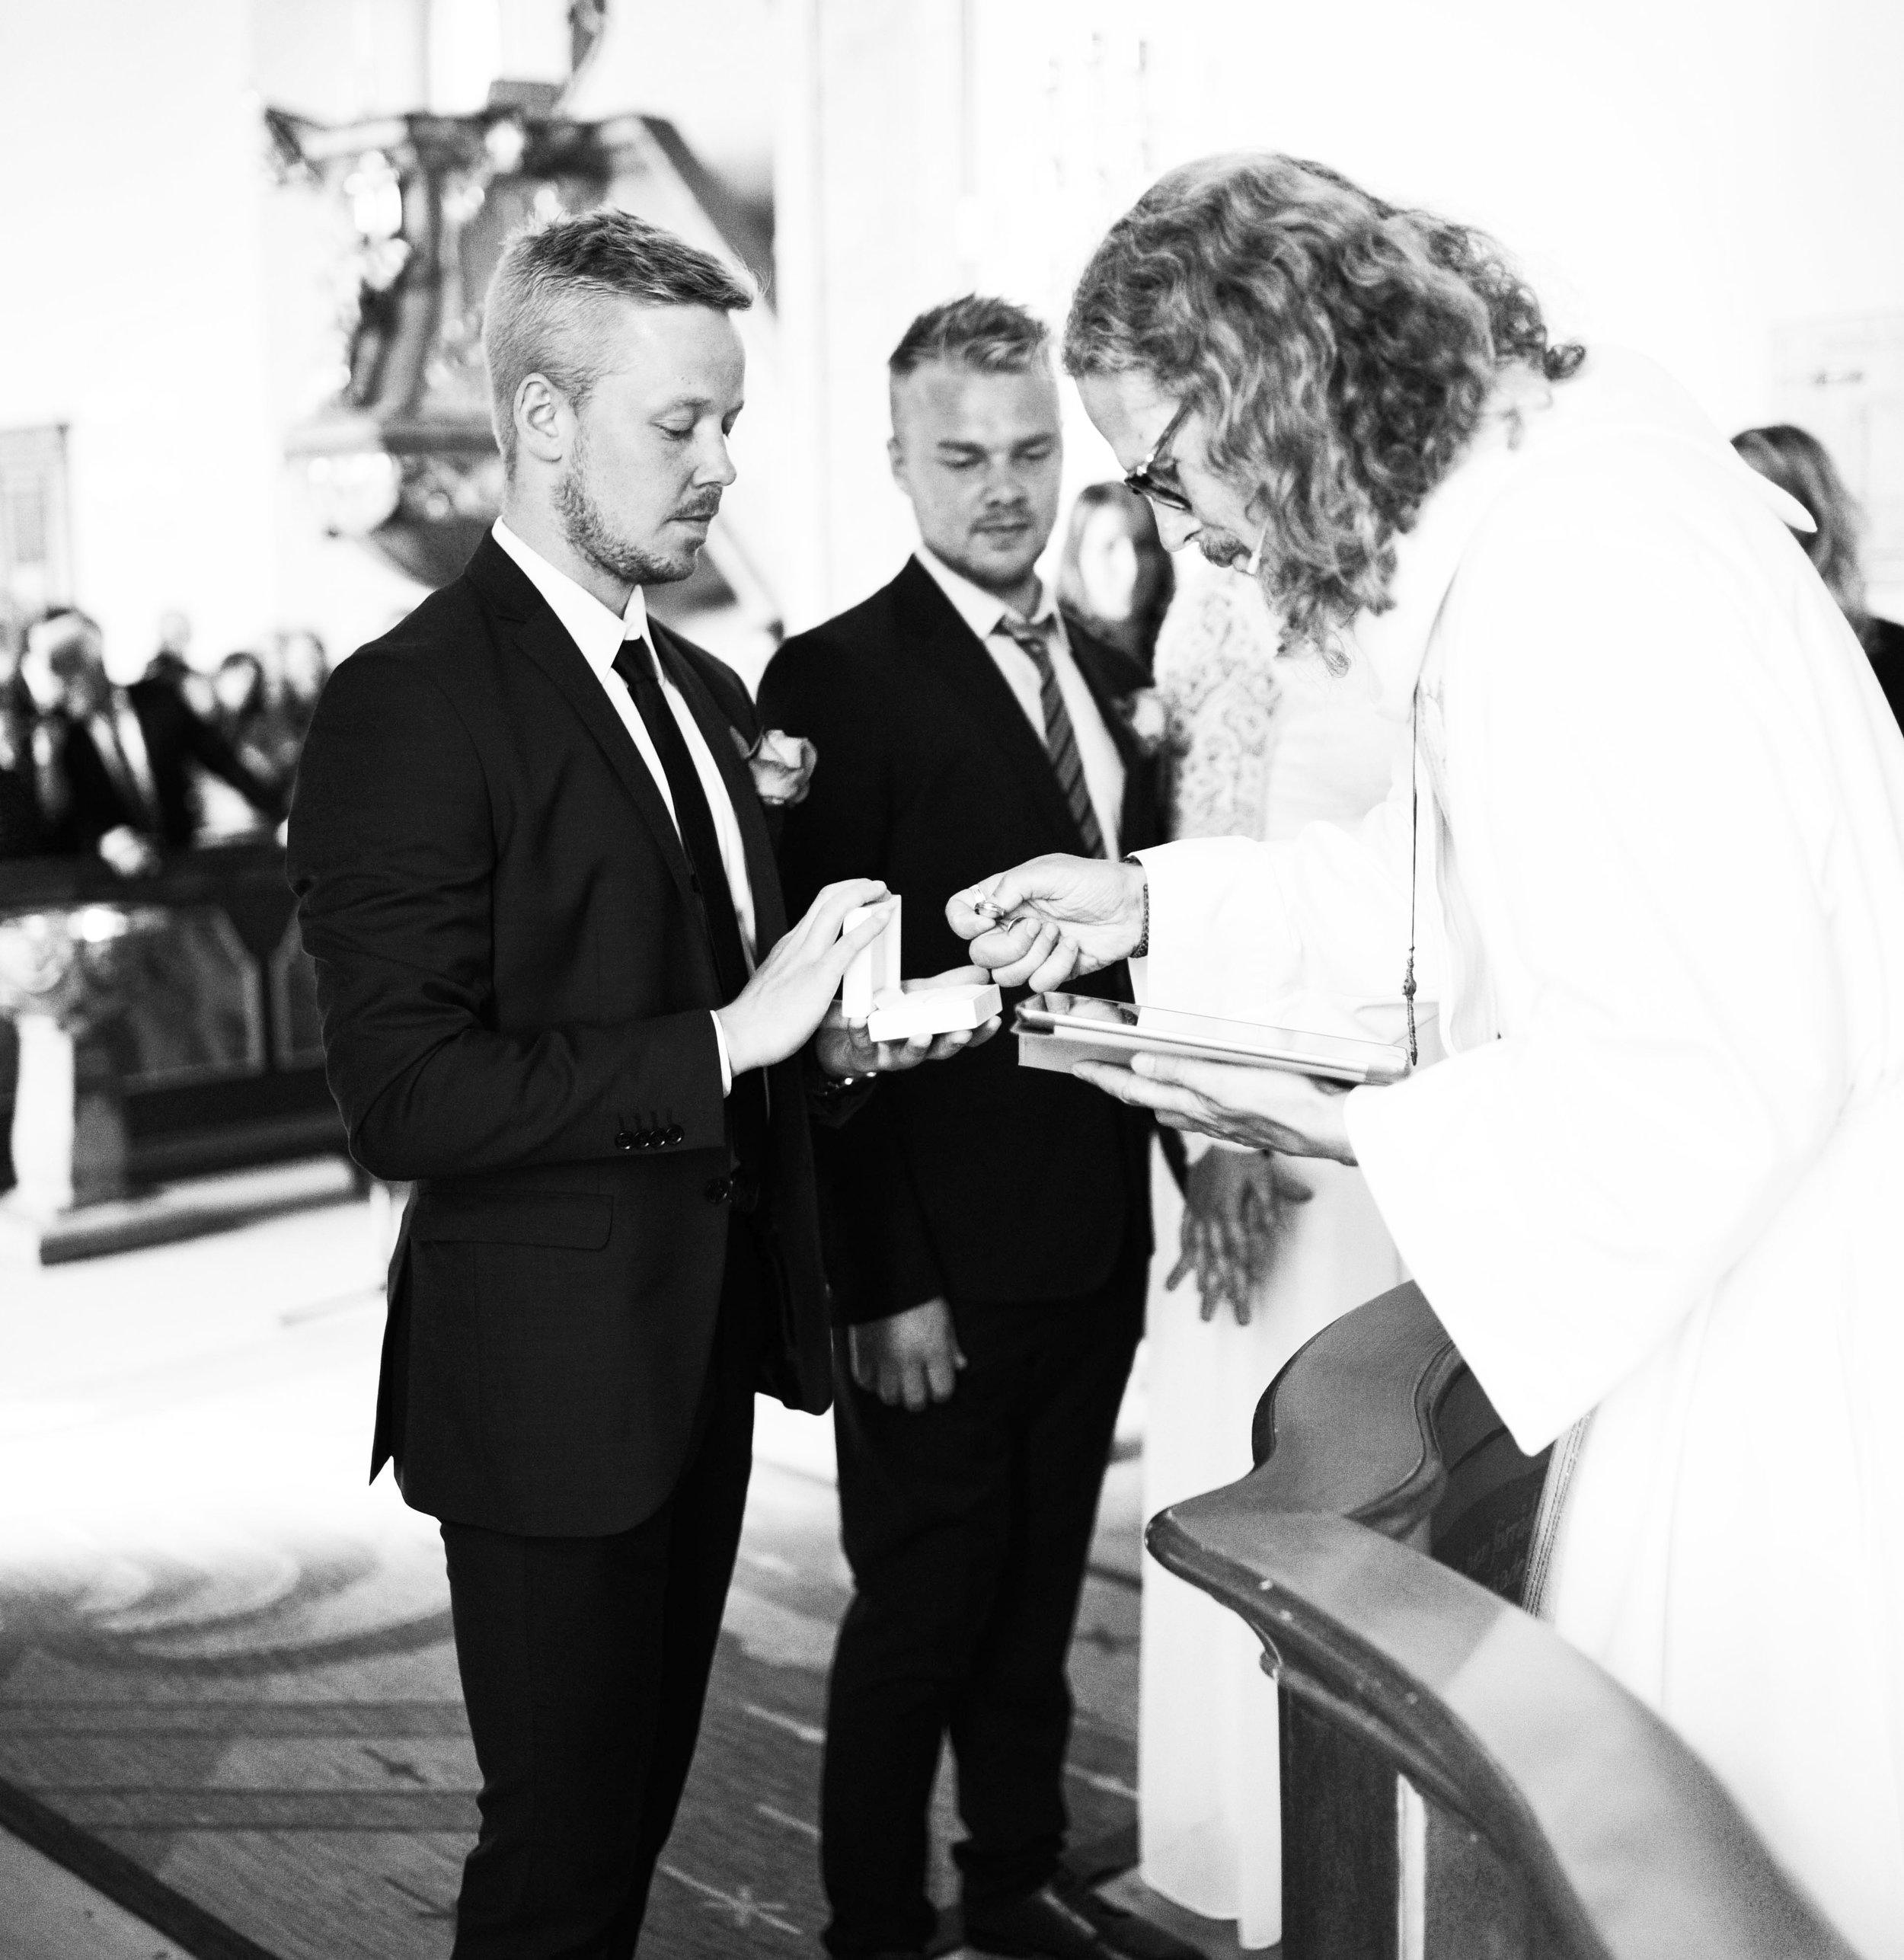 Bröllop2019lågkvall-5477bv.jpg